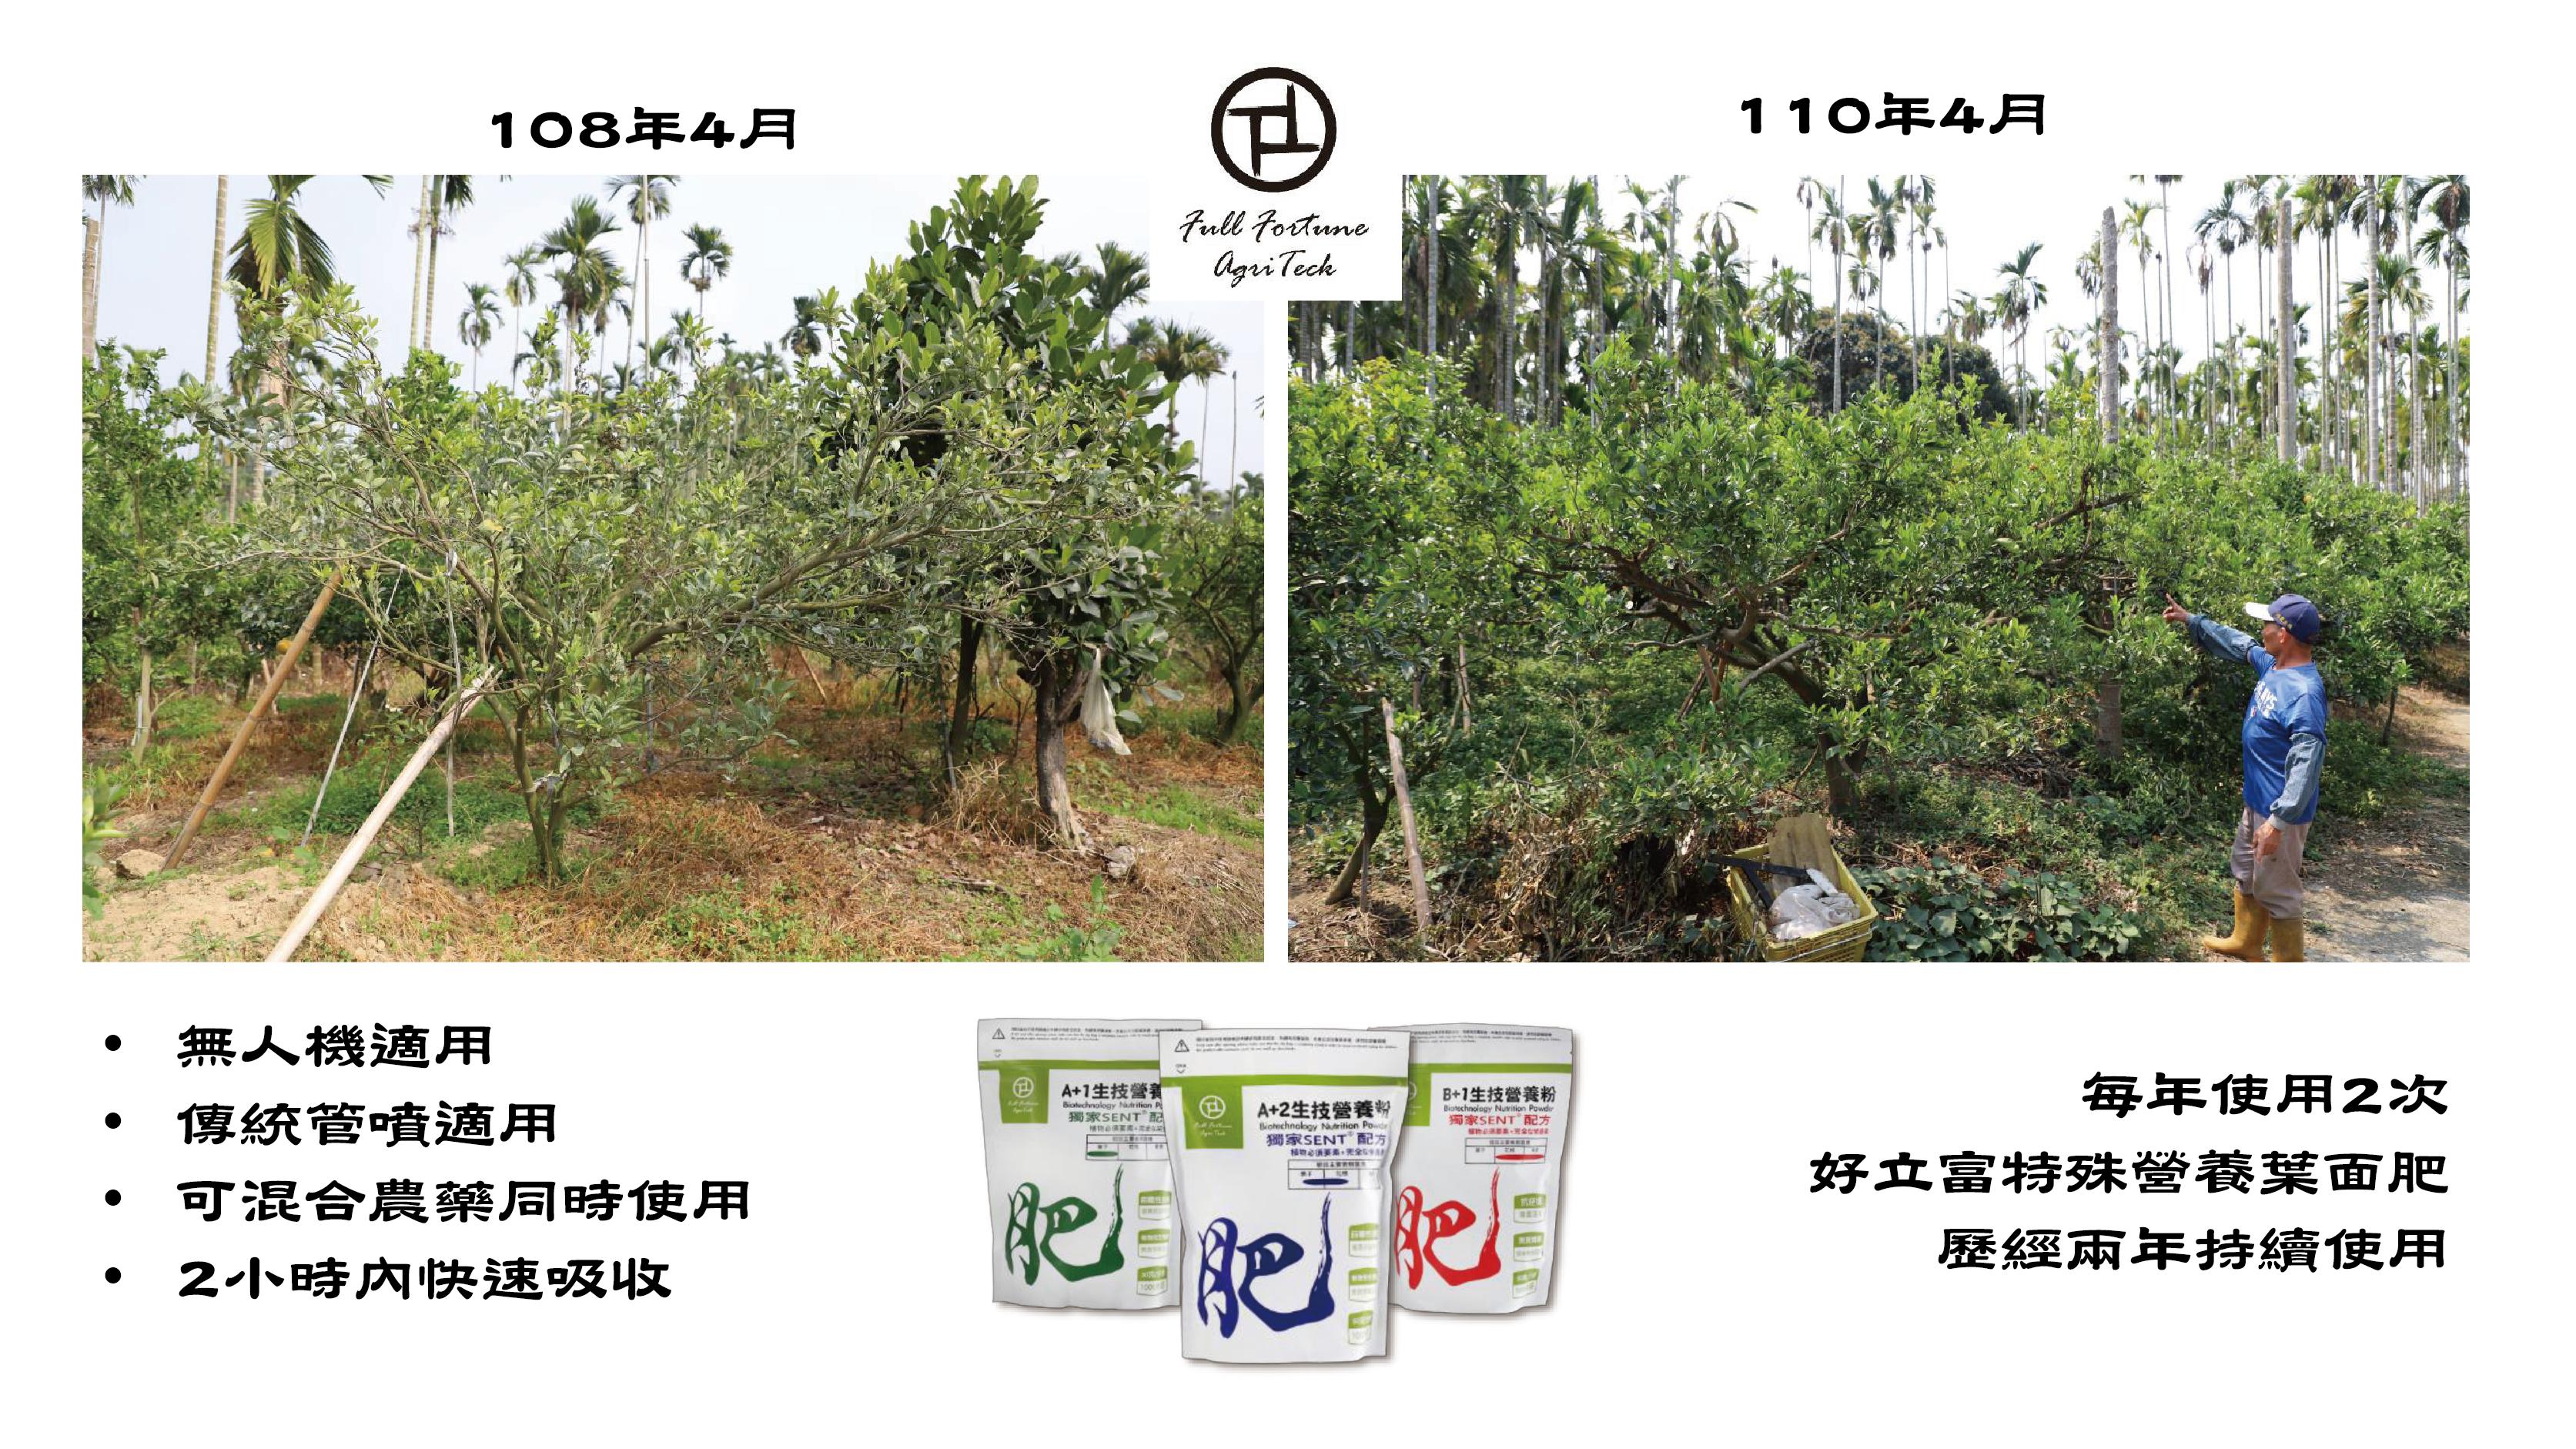 果樹的成果持續兩年的使用見證